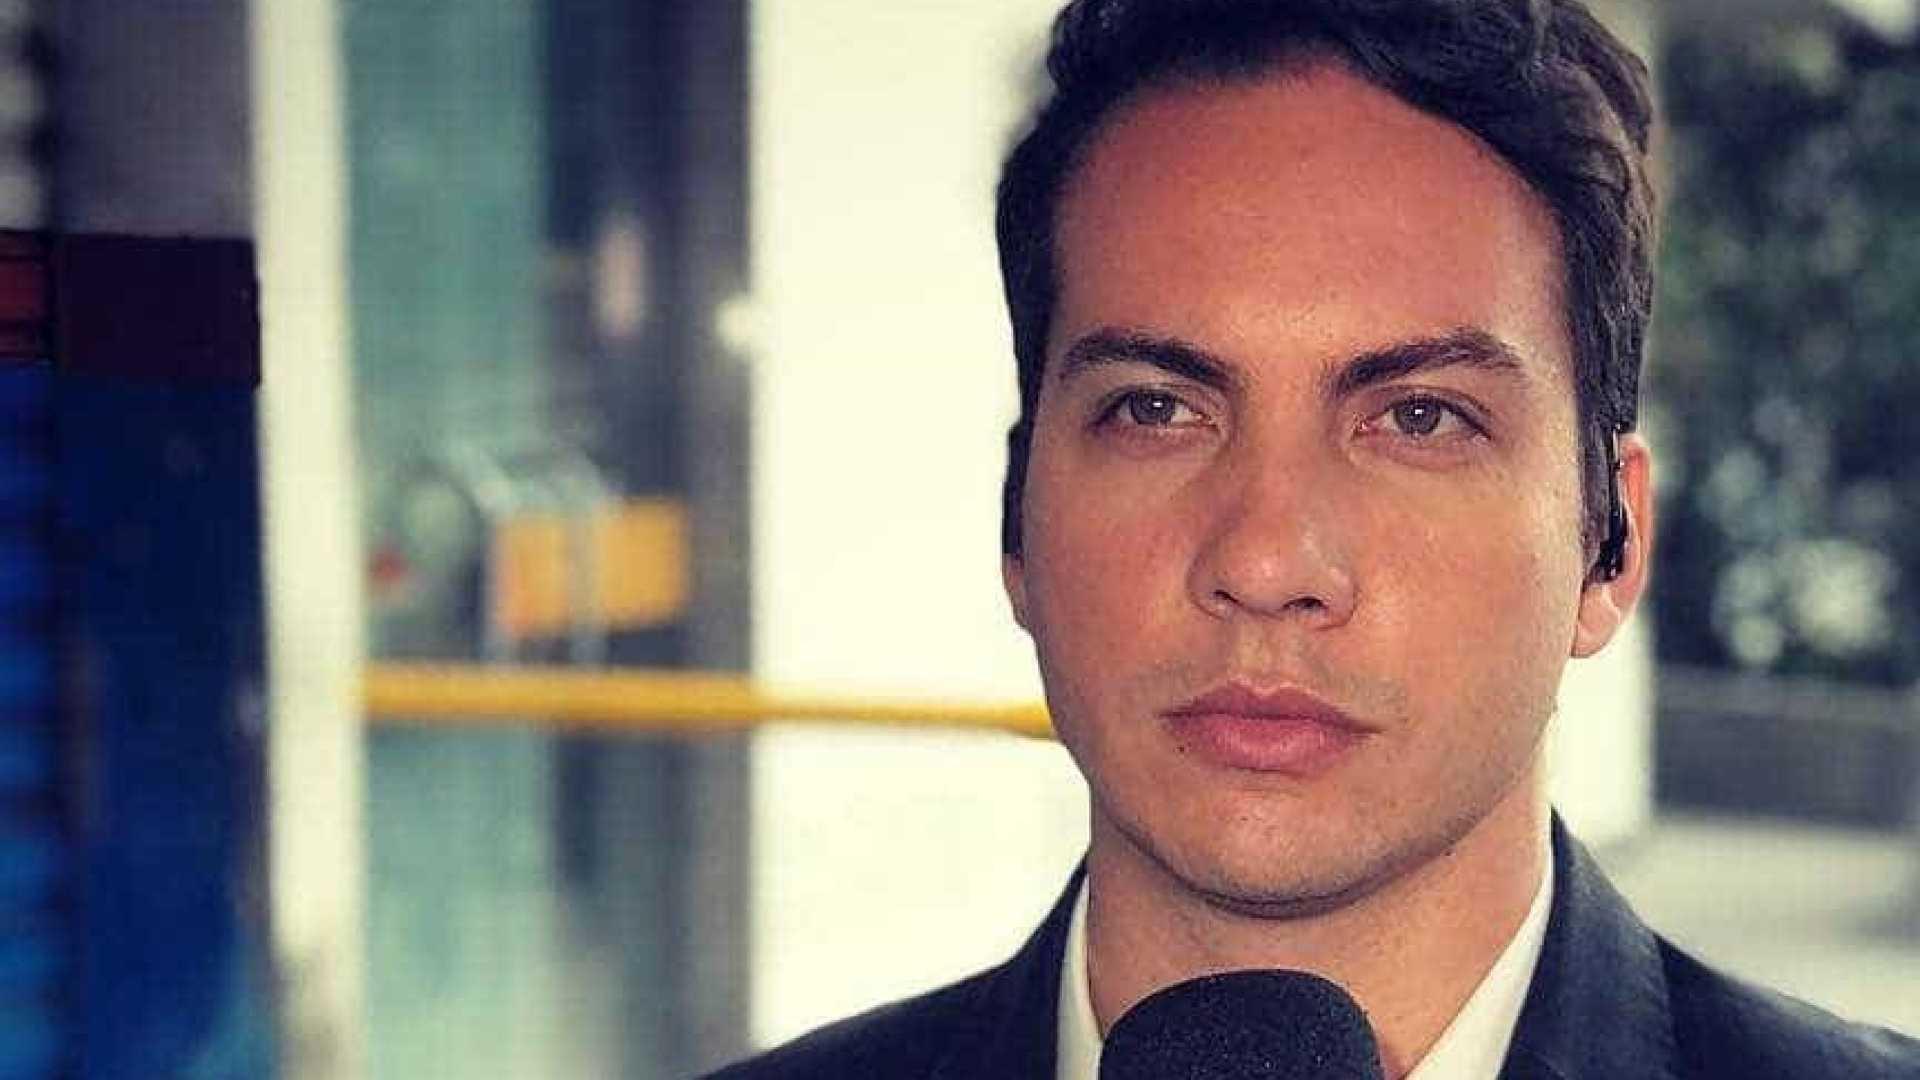 Repórter e cinegrafista da TV Globo são assaltados. Ladrão exigiu até a senha dos celulares